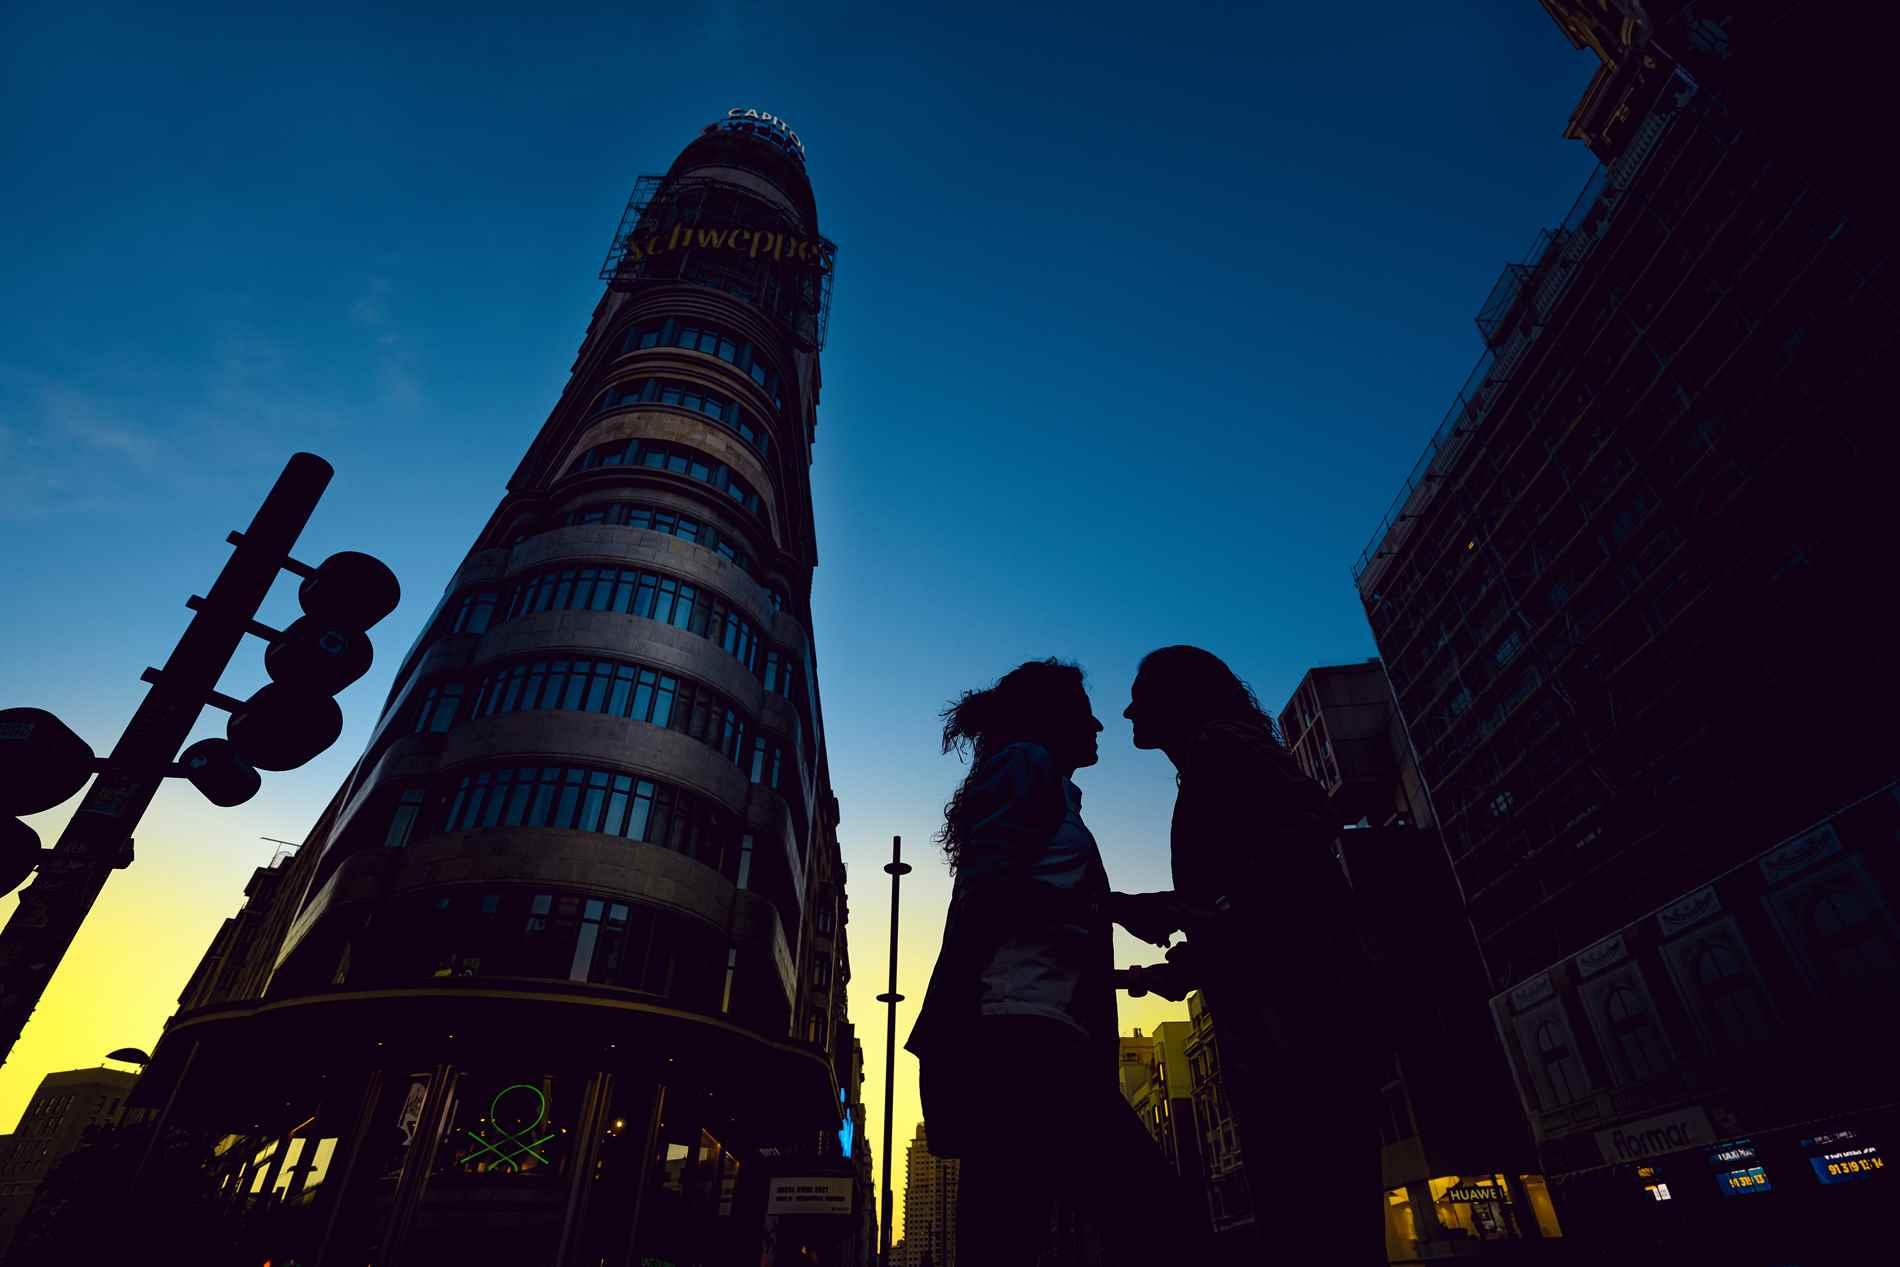 La torre Schweppes de Madrid